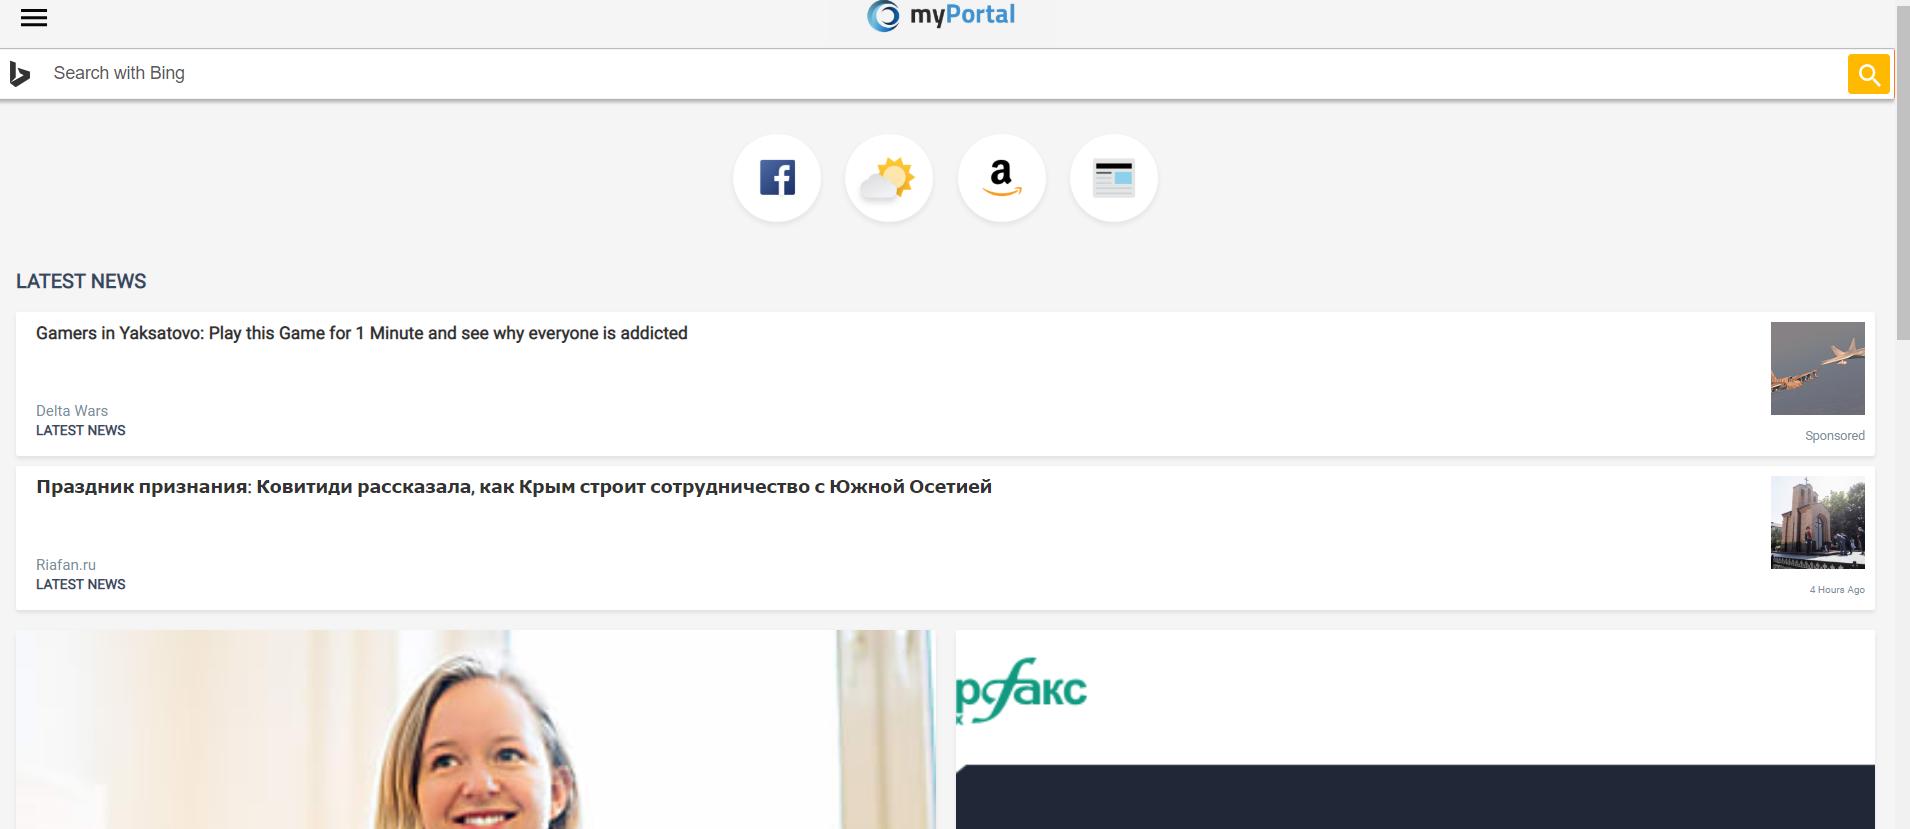 Searchtheweb.io hijacker